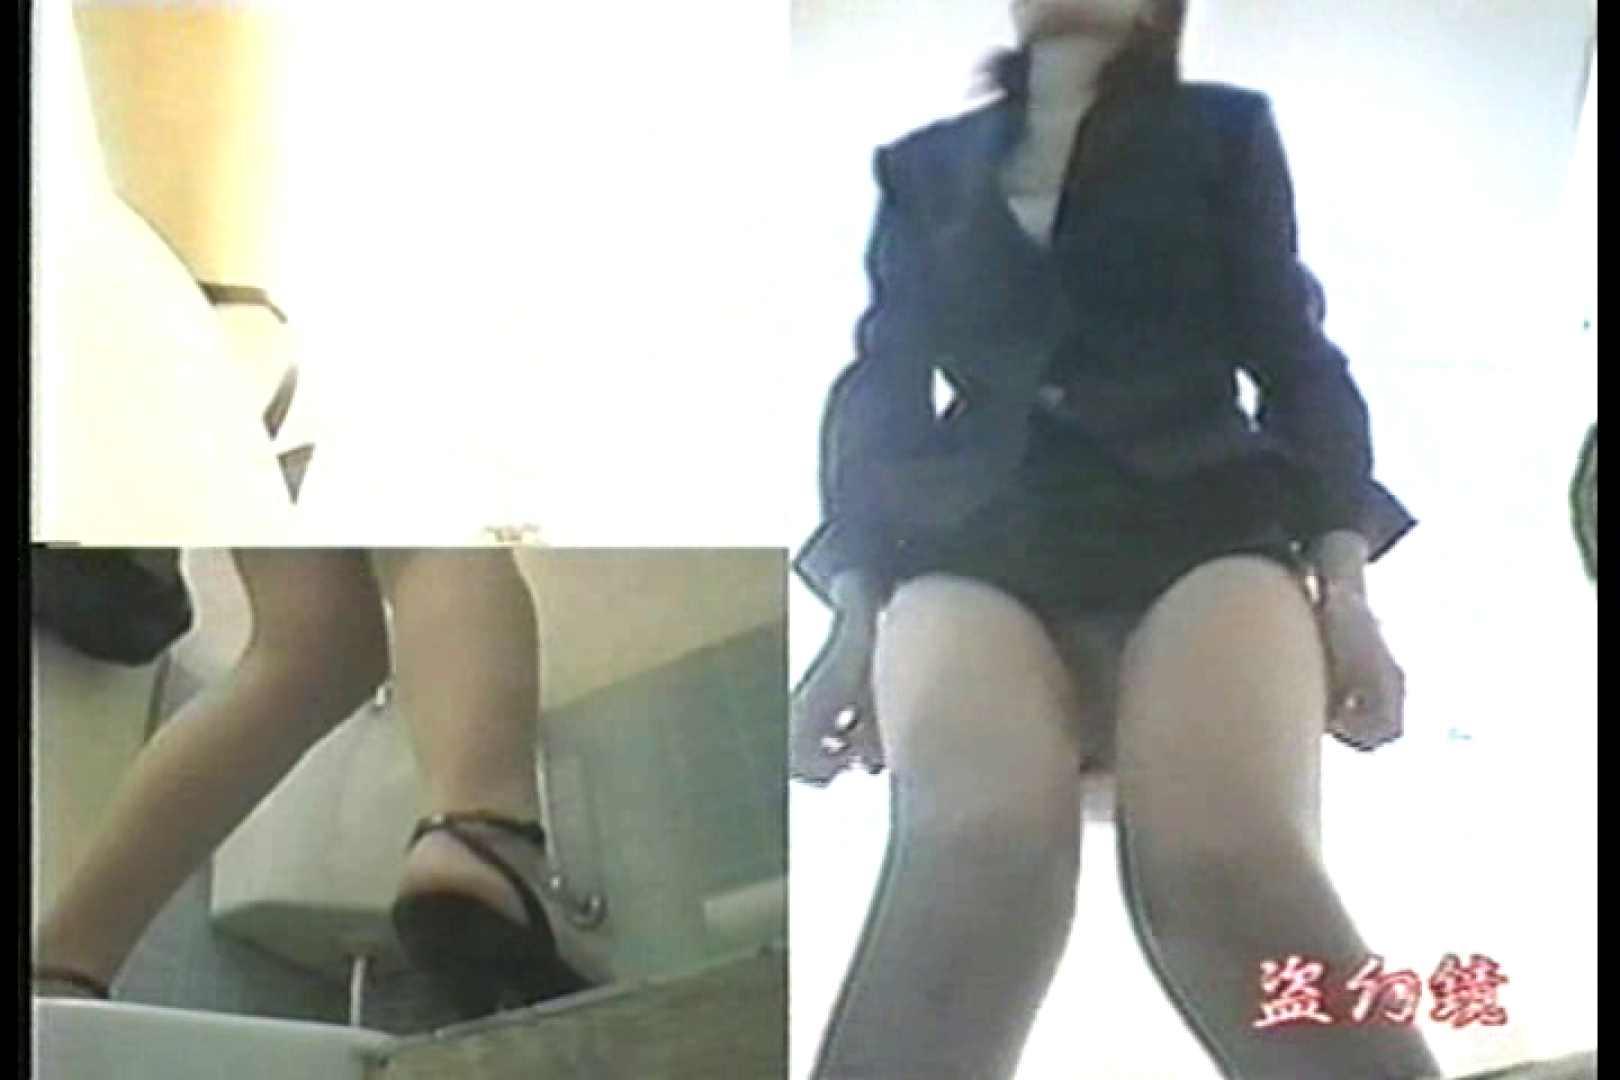 洗面所羞恥美女んMV-2 洗面所はめどり アダルト動画キャプチャ 62画像 12